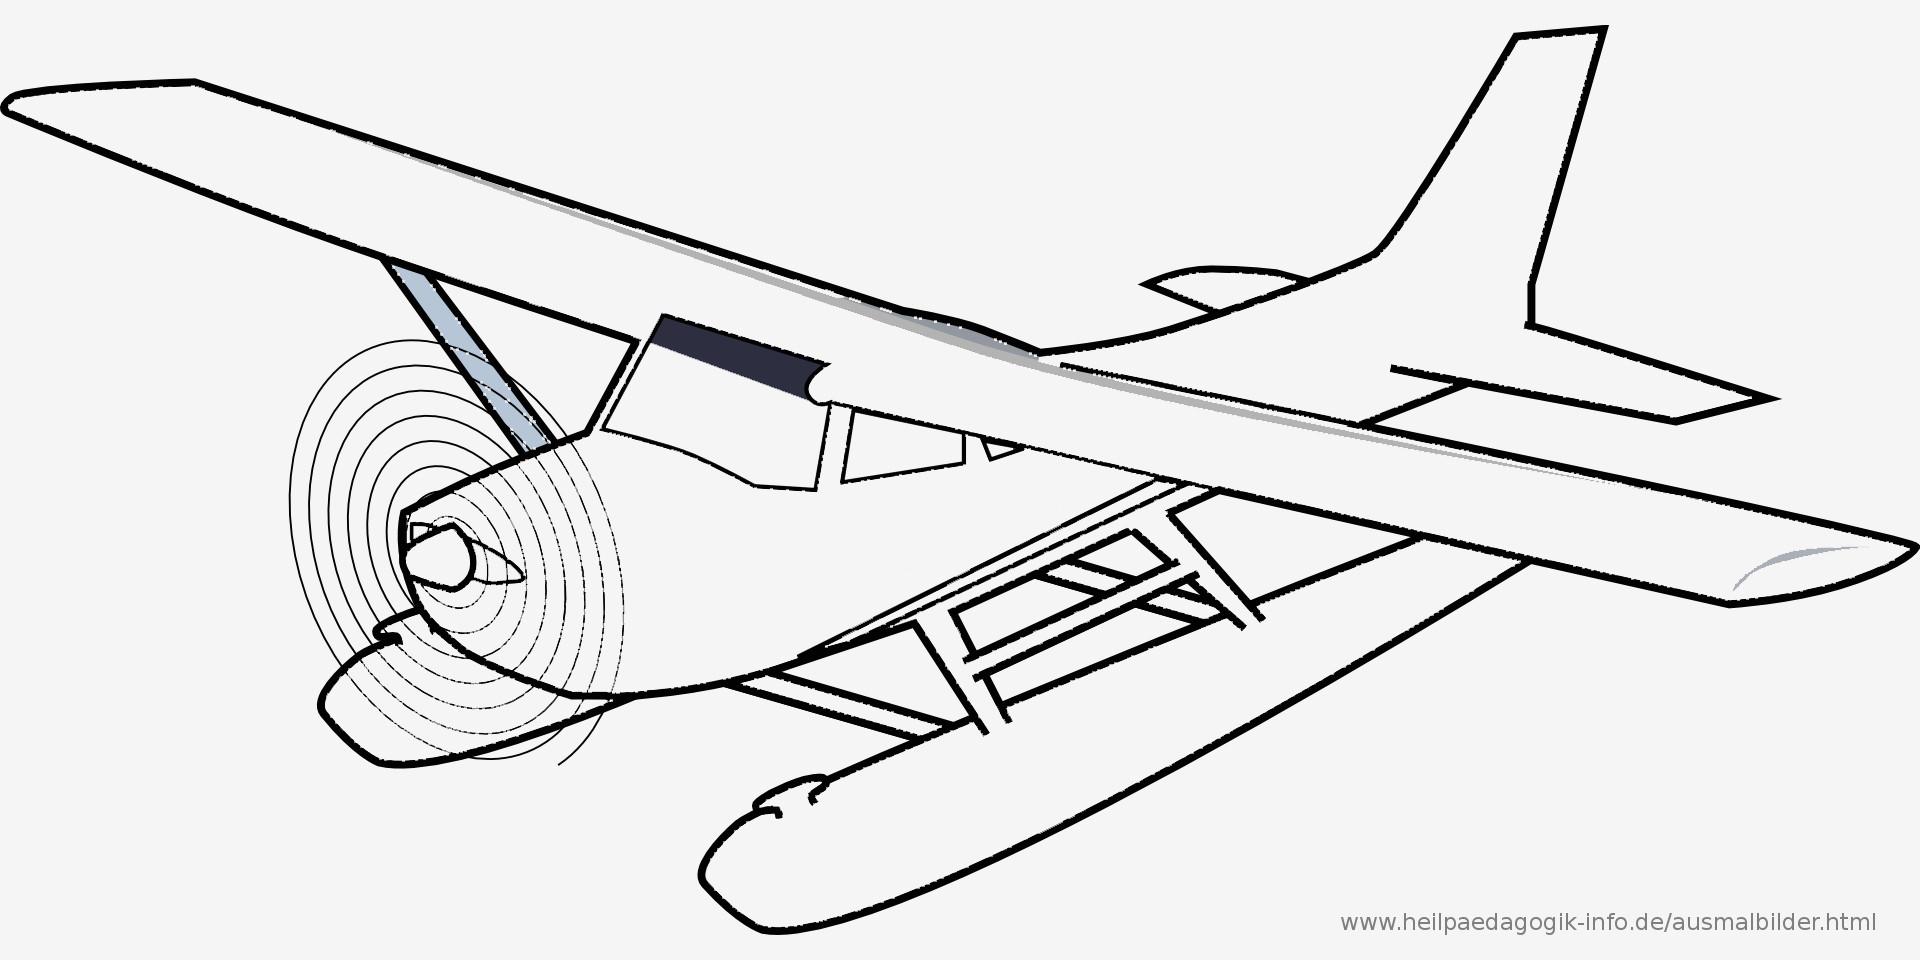 Flugzeuge Zum Ausmalen Neu Beispielbilder Färben Hubschrauber Ausmalbild Bild